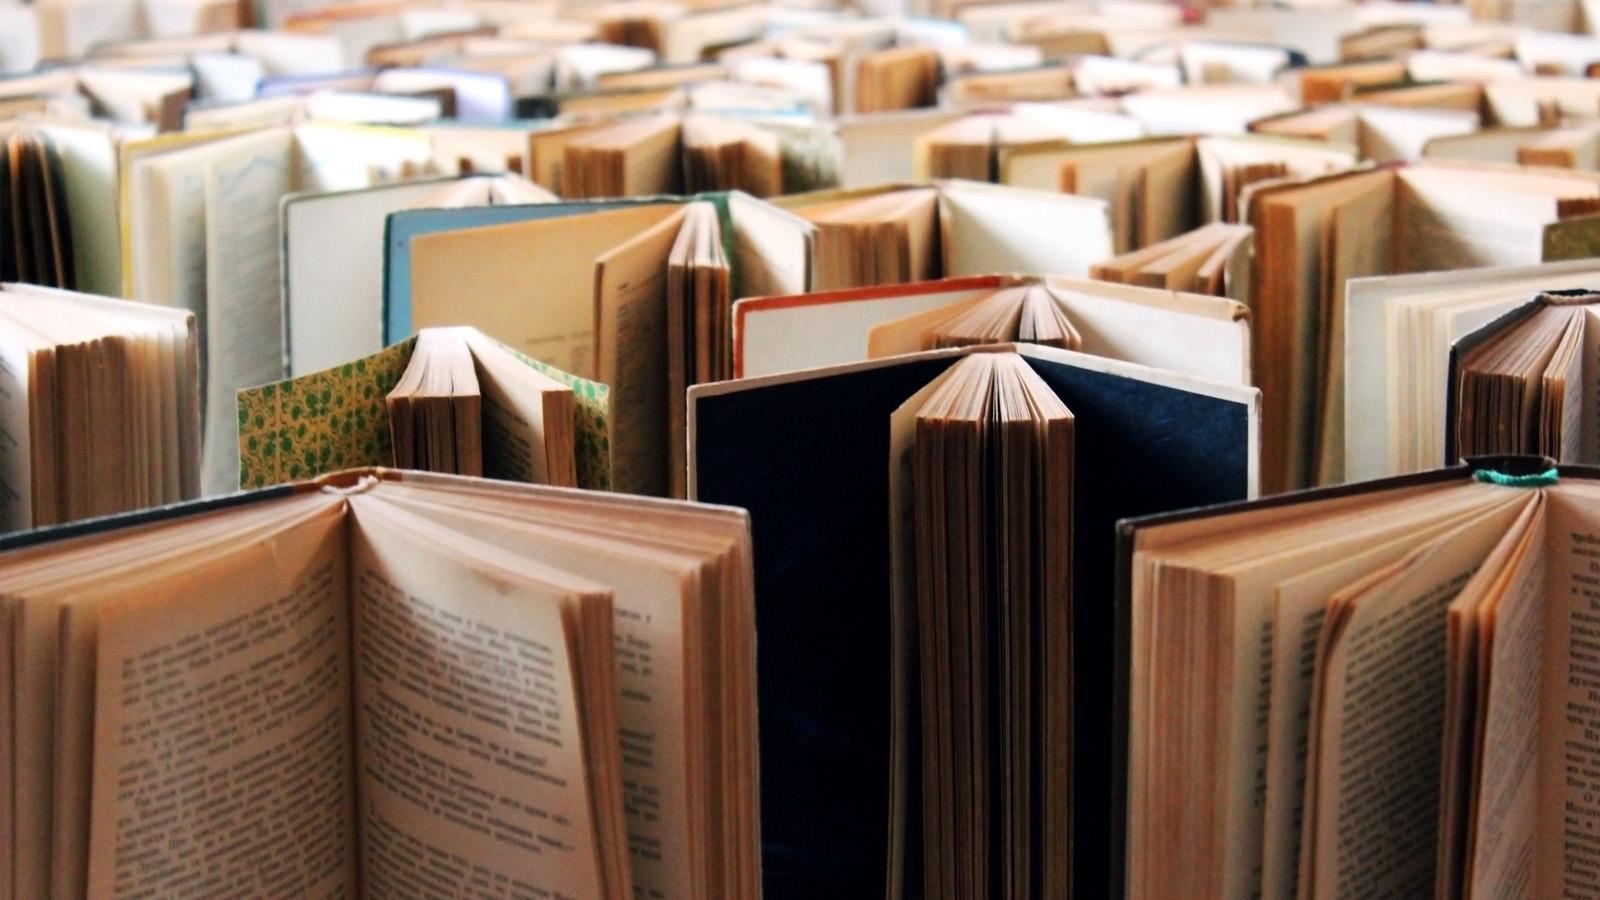 Explore the Books